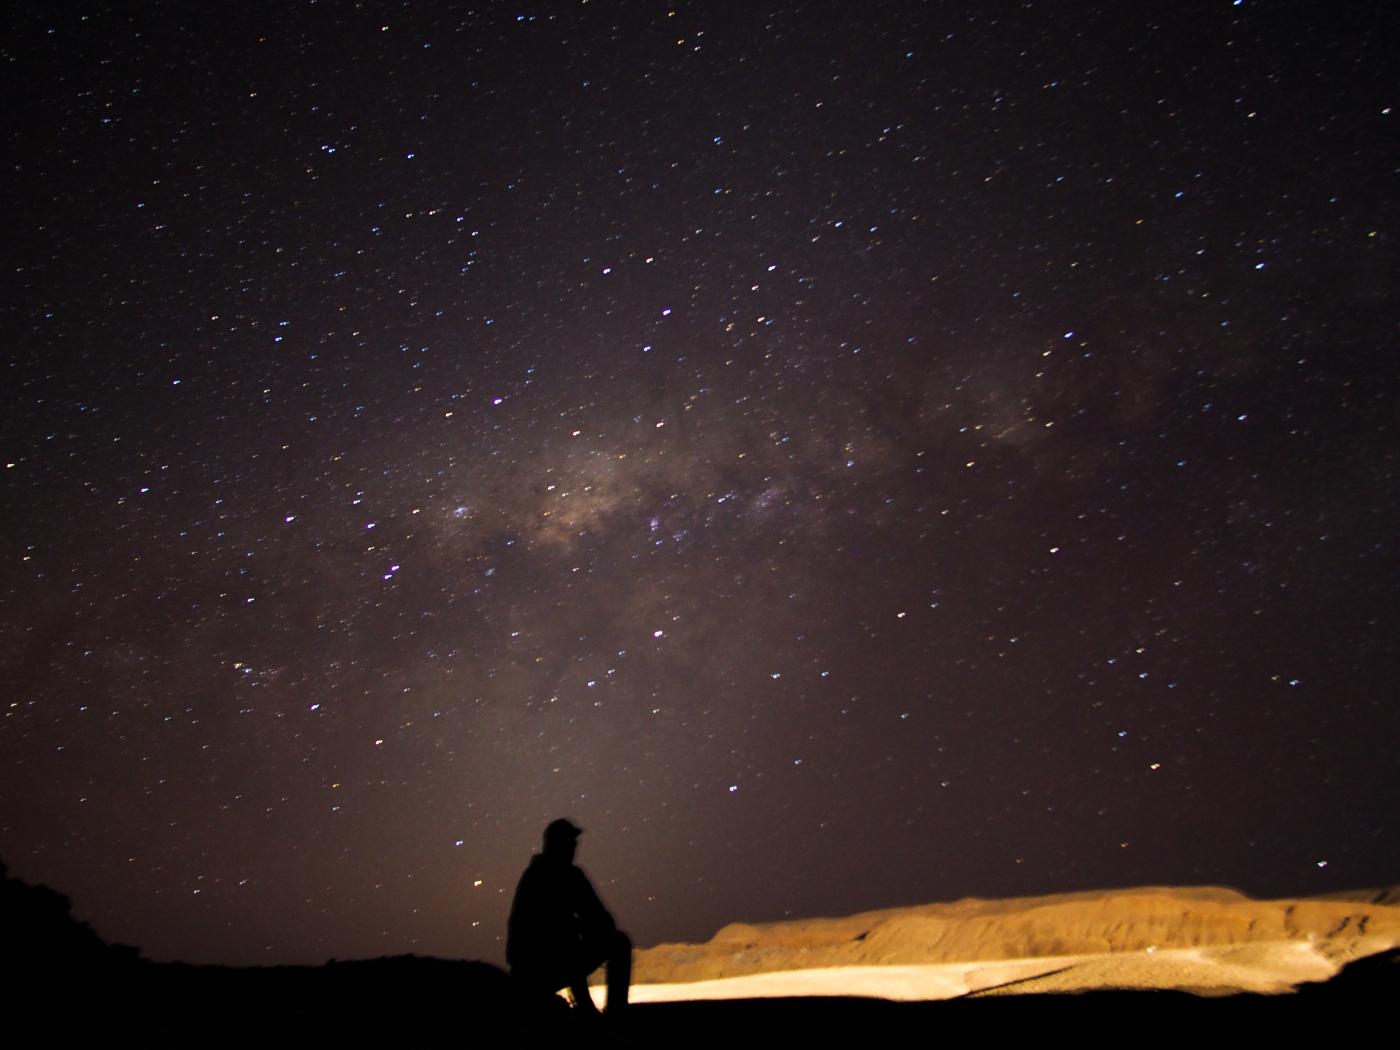 Imagen de una persona observando el cielo estrellado